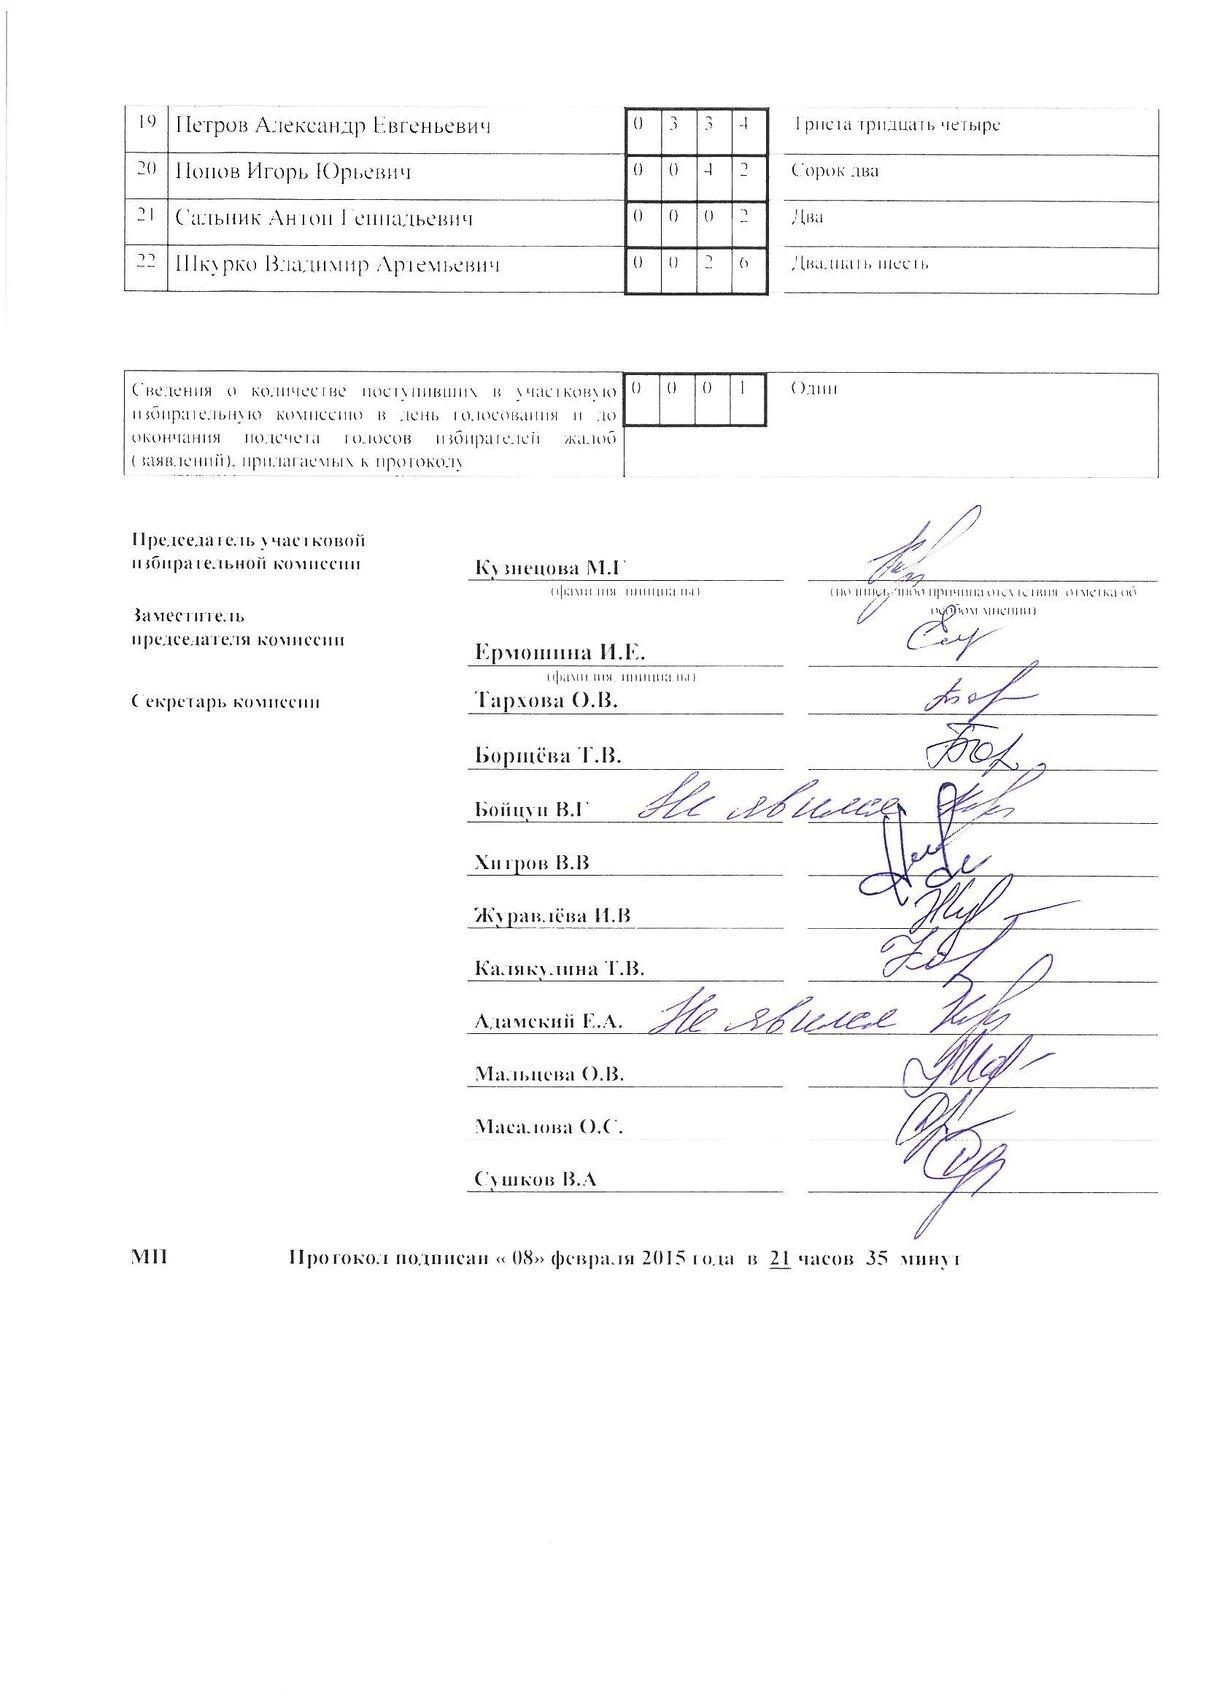 УИК №1410_2